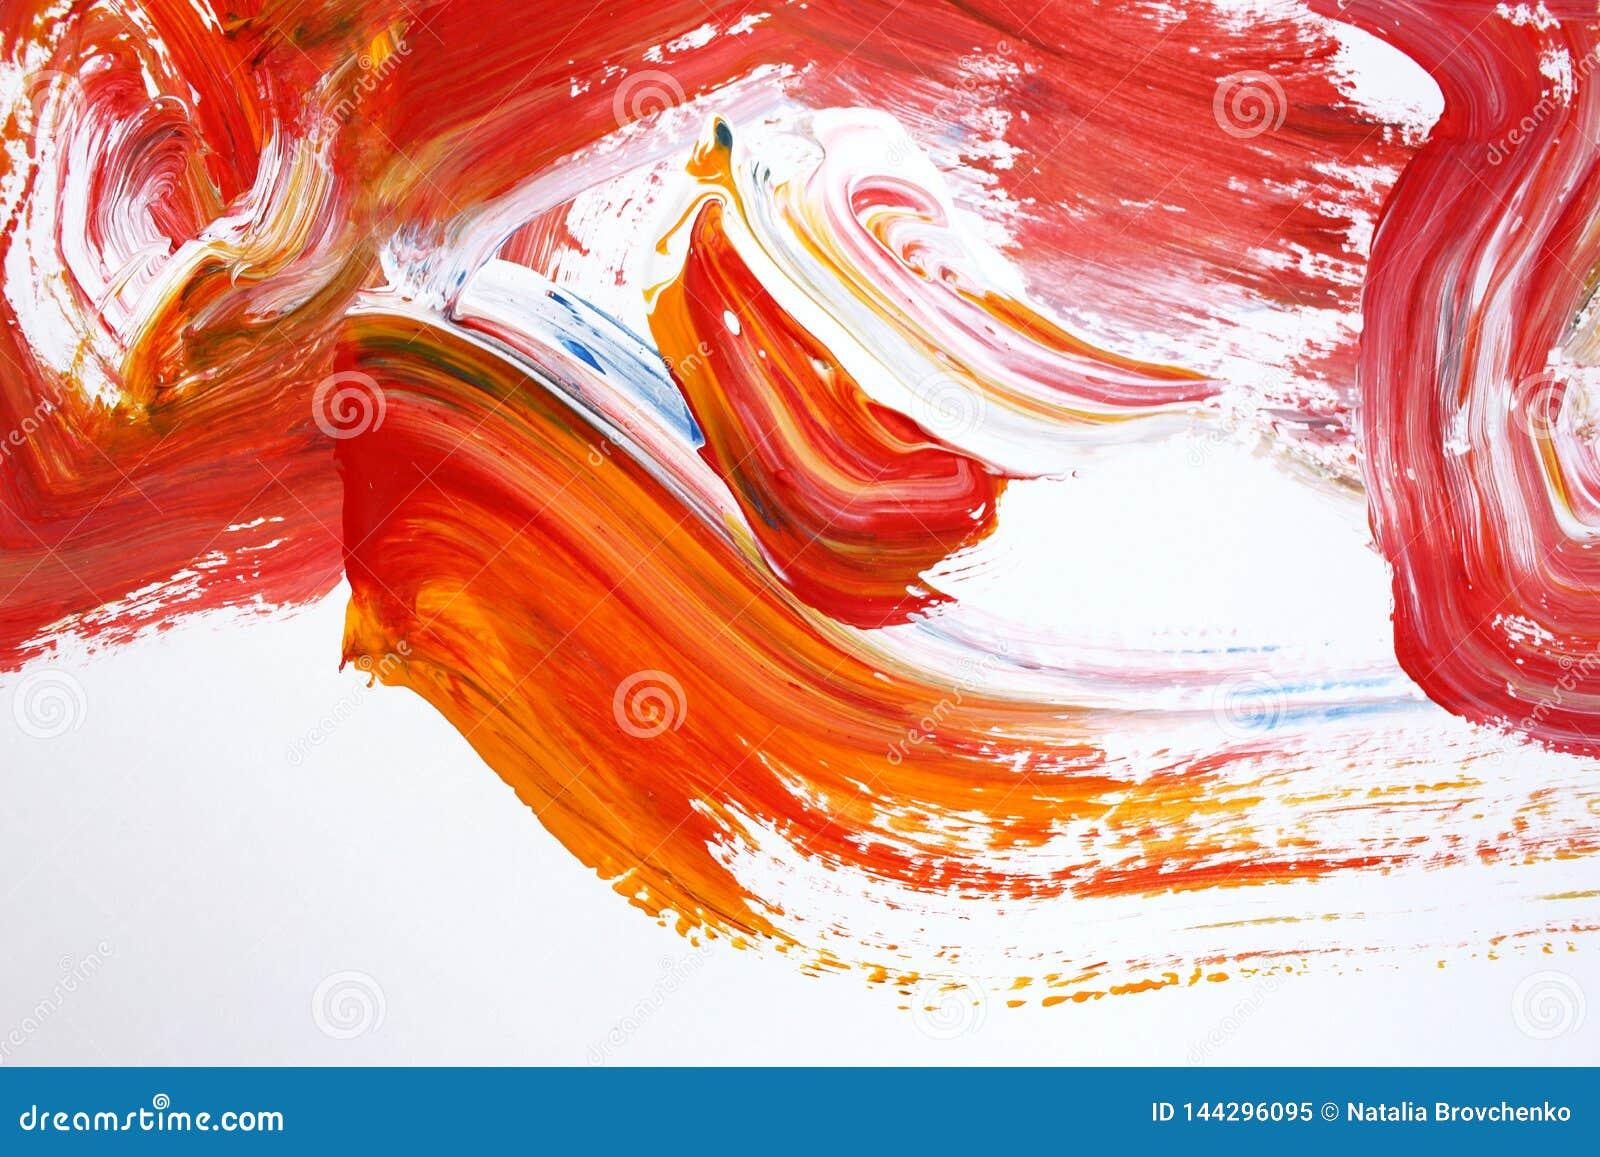 Röda ljusa slaglängder på kanfas abstrakt konstbakgrund Färgtextur Fragment av konstverk abstrakt kanfasmålning